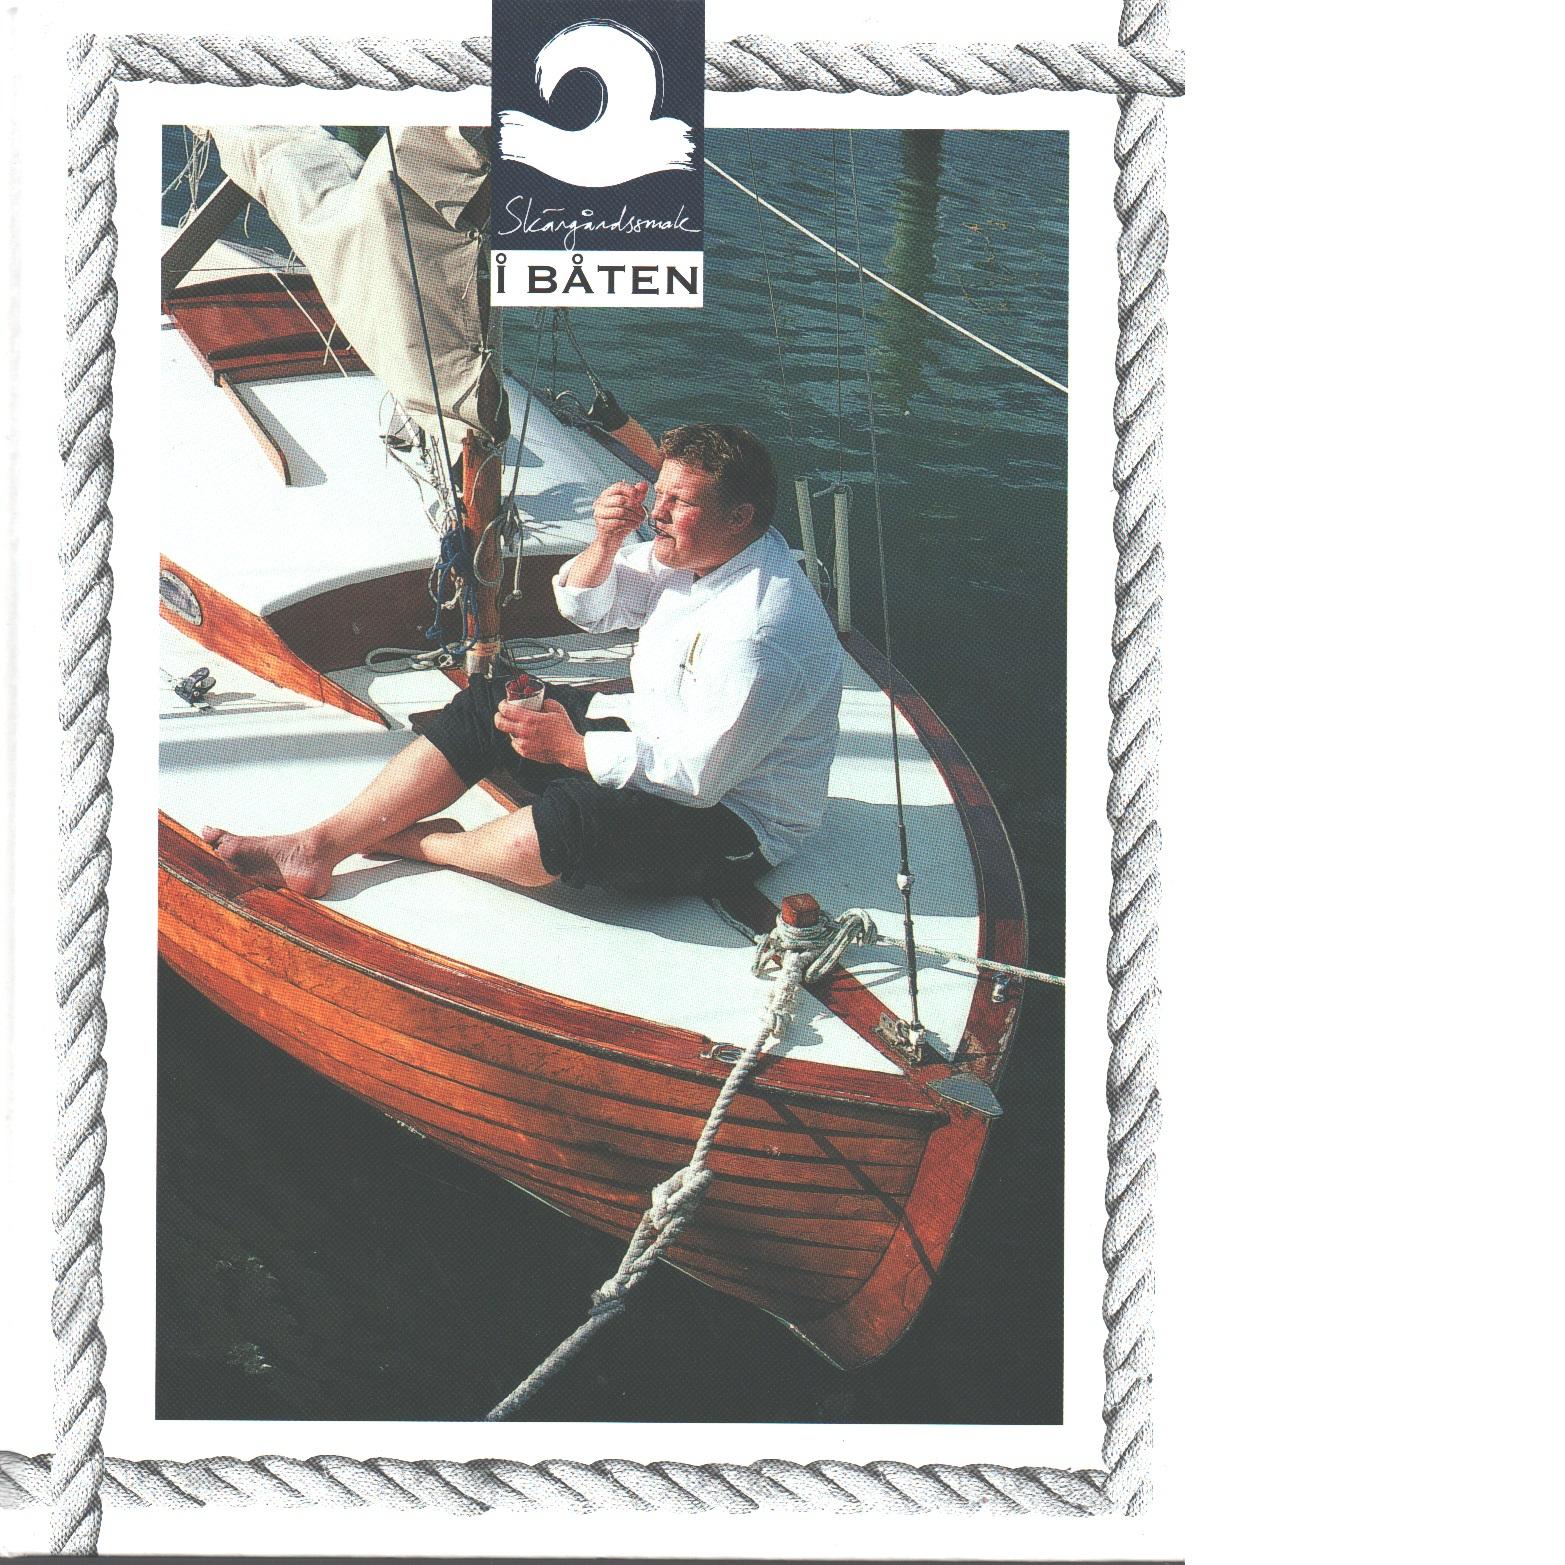 Skärgårdssmak i båten - Björklund, Michael  och Loom, Niclas samt   Silver, Per-Erik